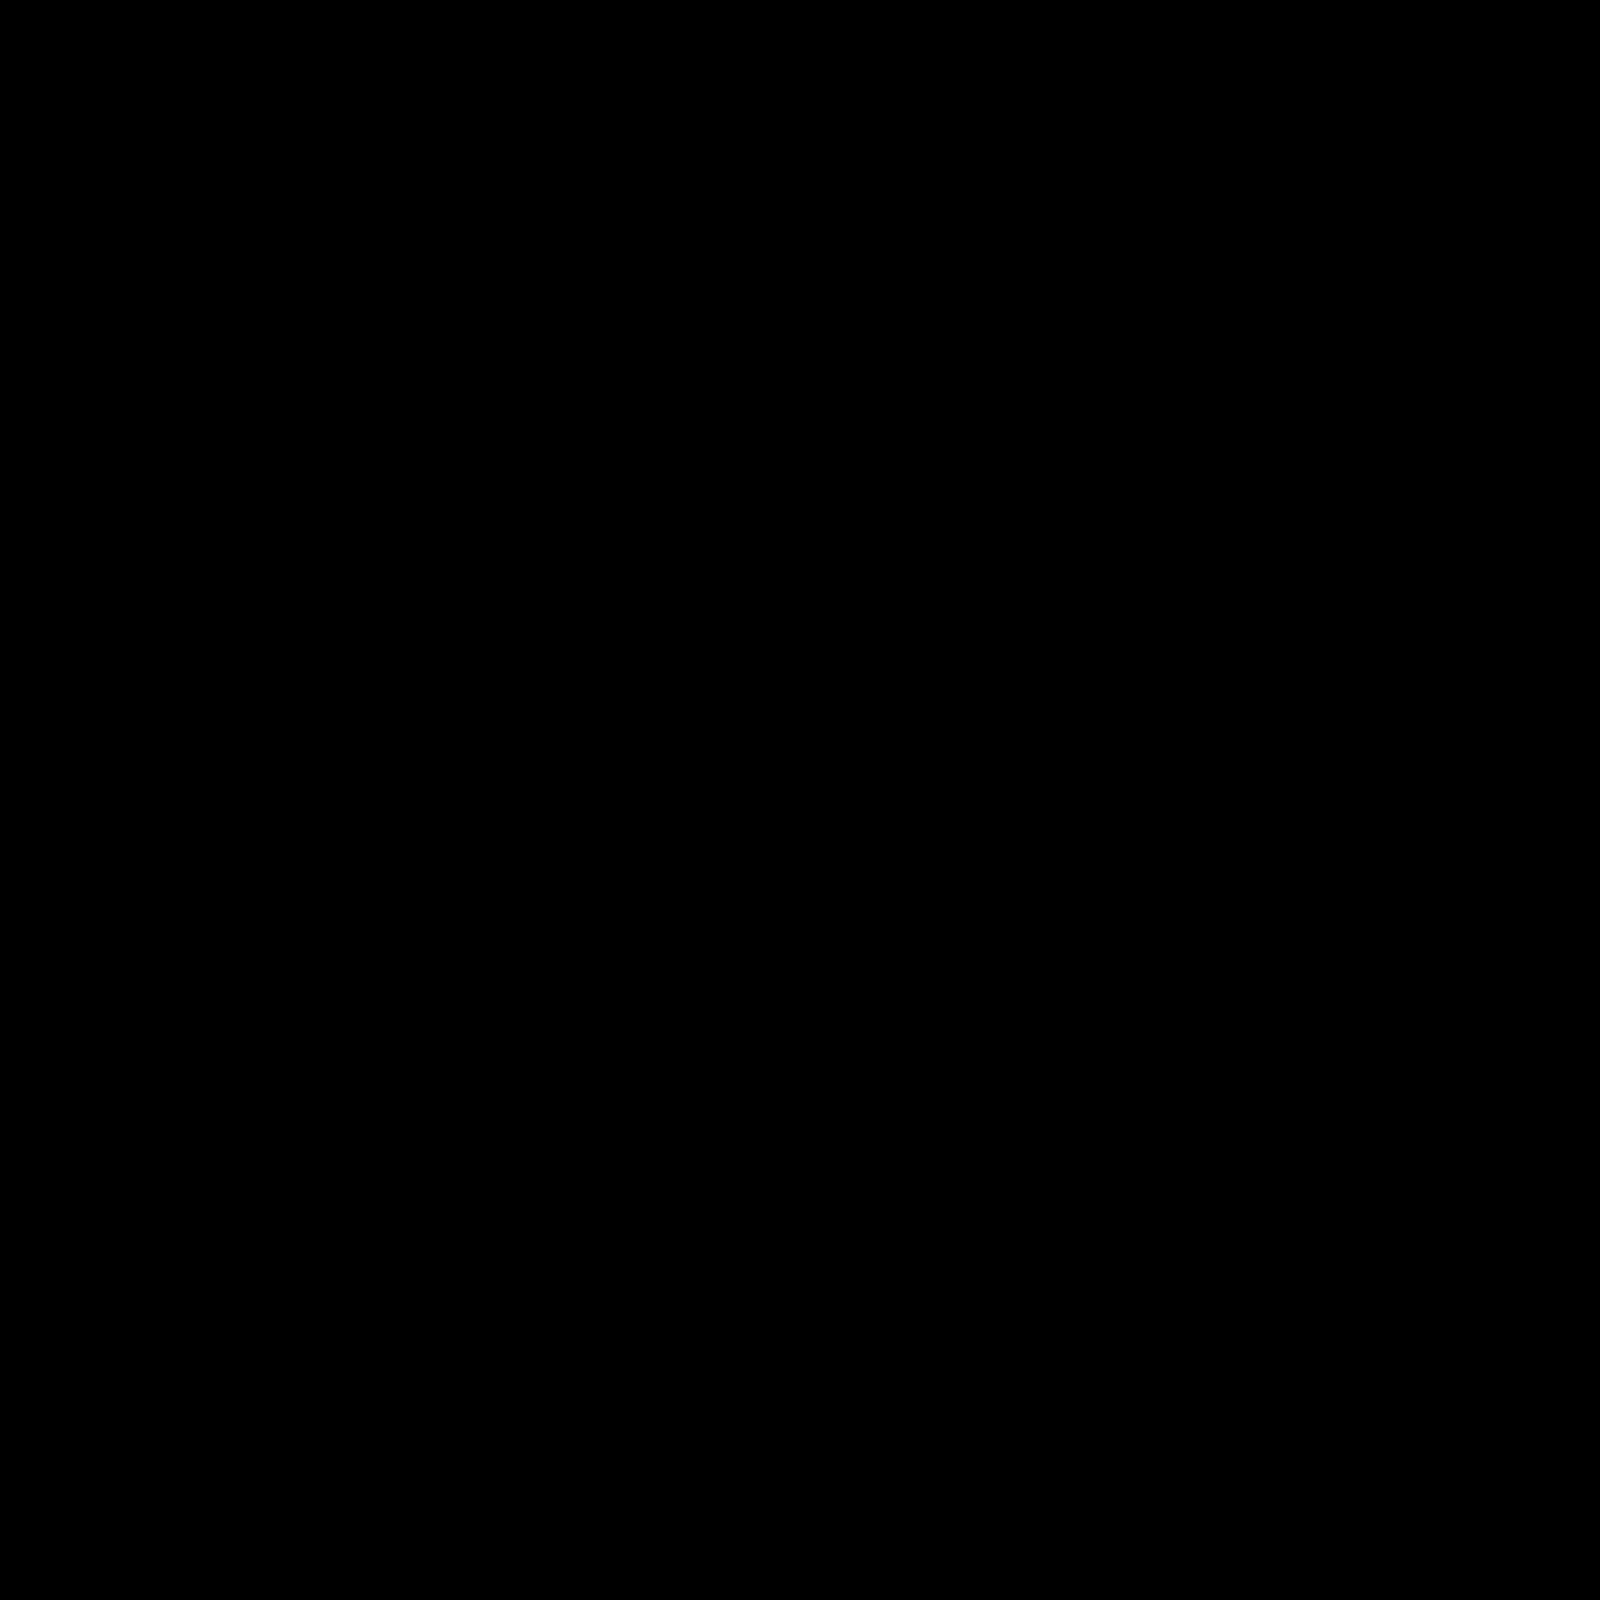 完全に停止 icon